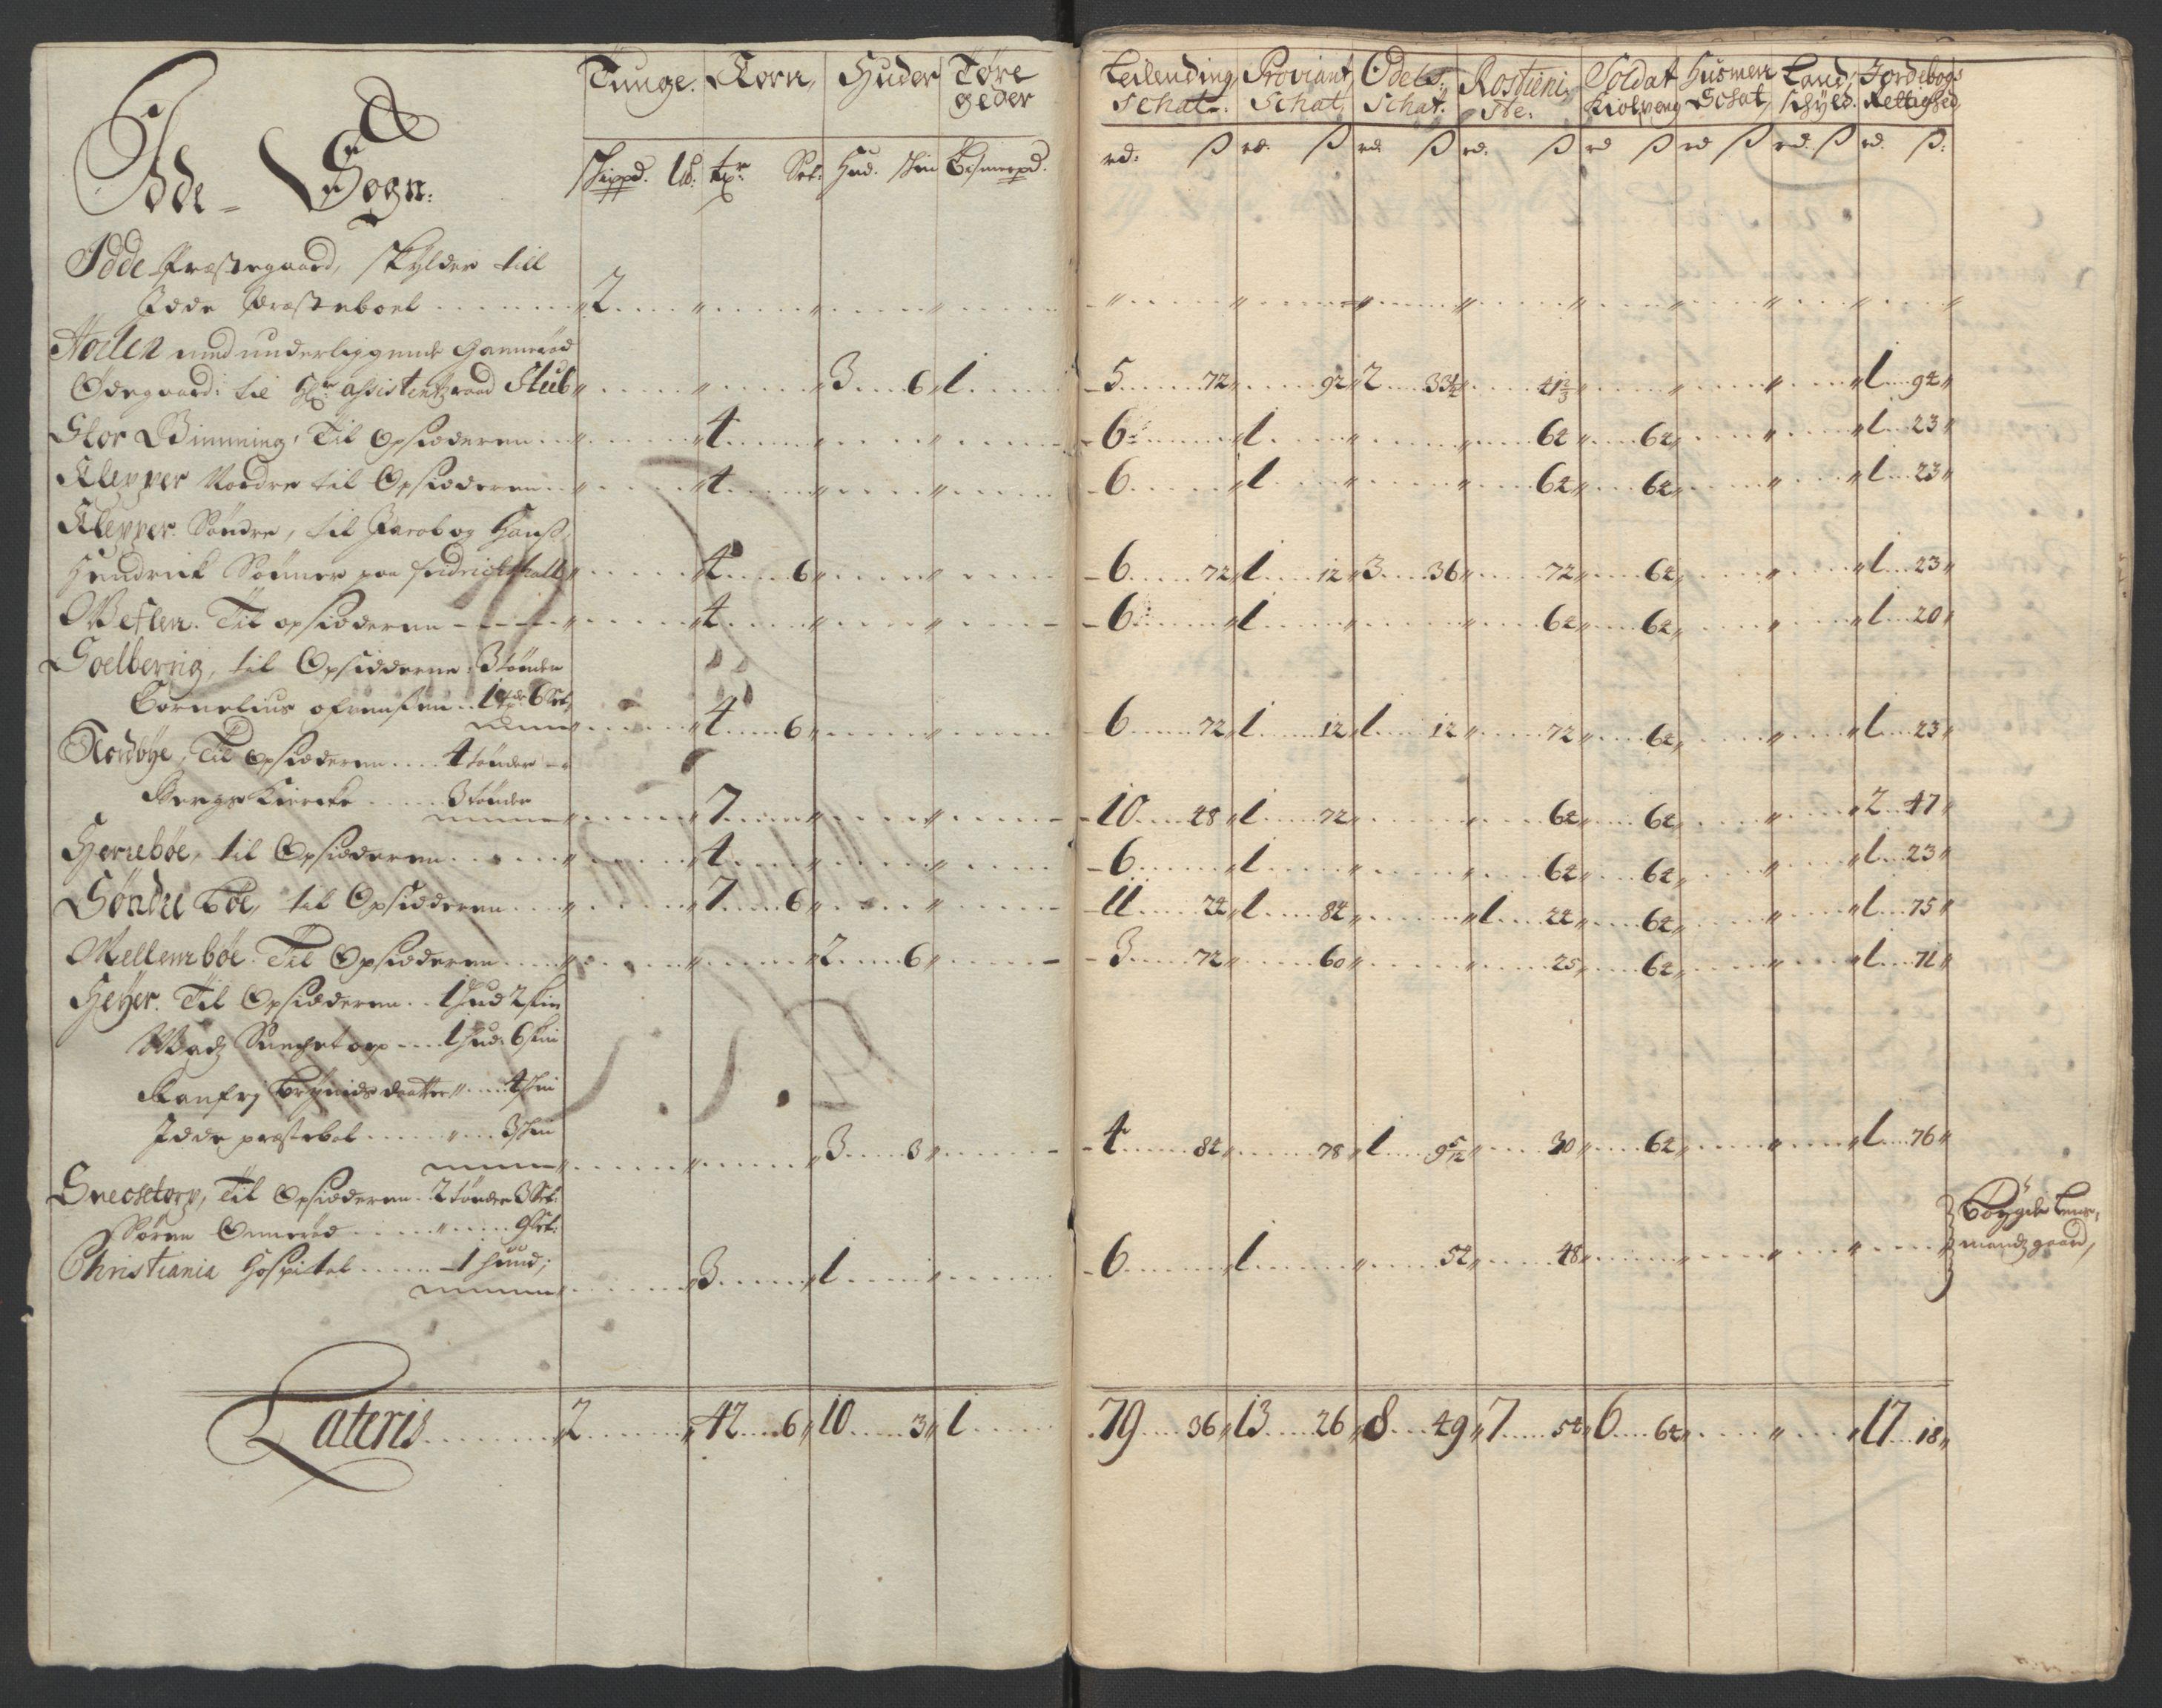 RA, Rentekammeret inntil 1814, Reviderte regnskaper, Fogderegnskap, R01/L0015: Fogderegnskap Idd og Marker, 1700-1701, s. 71